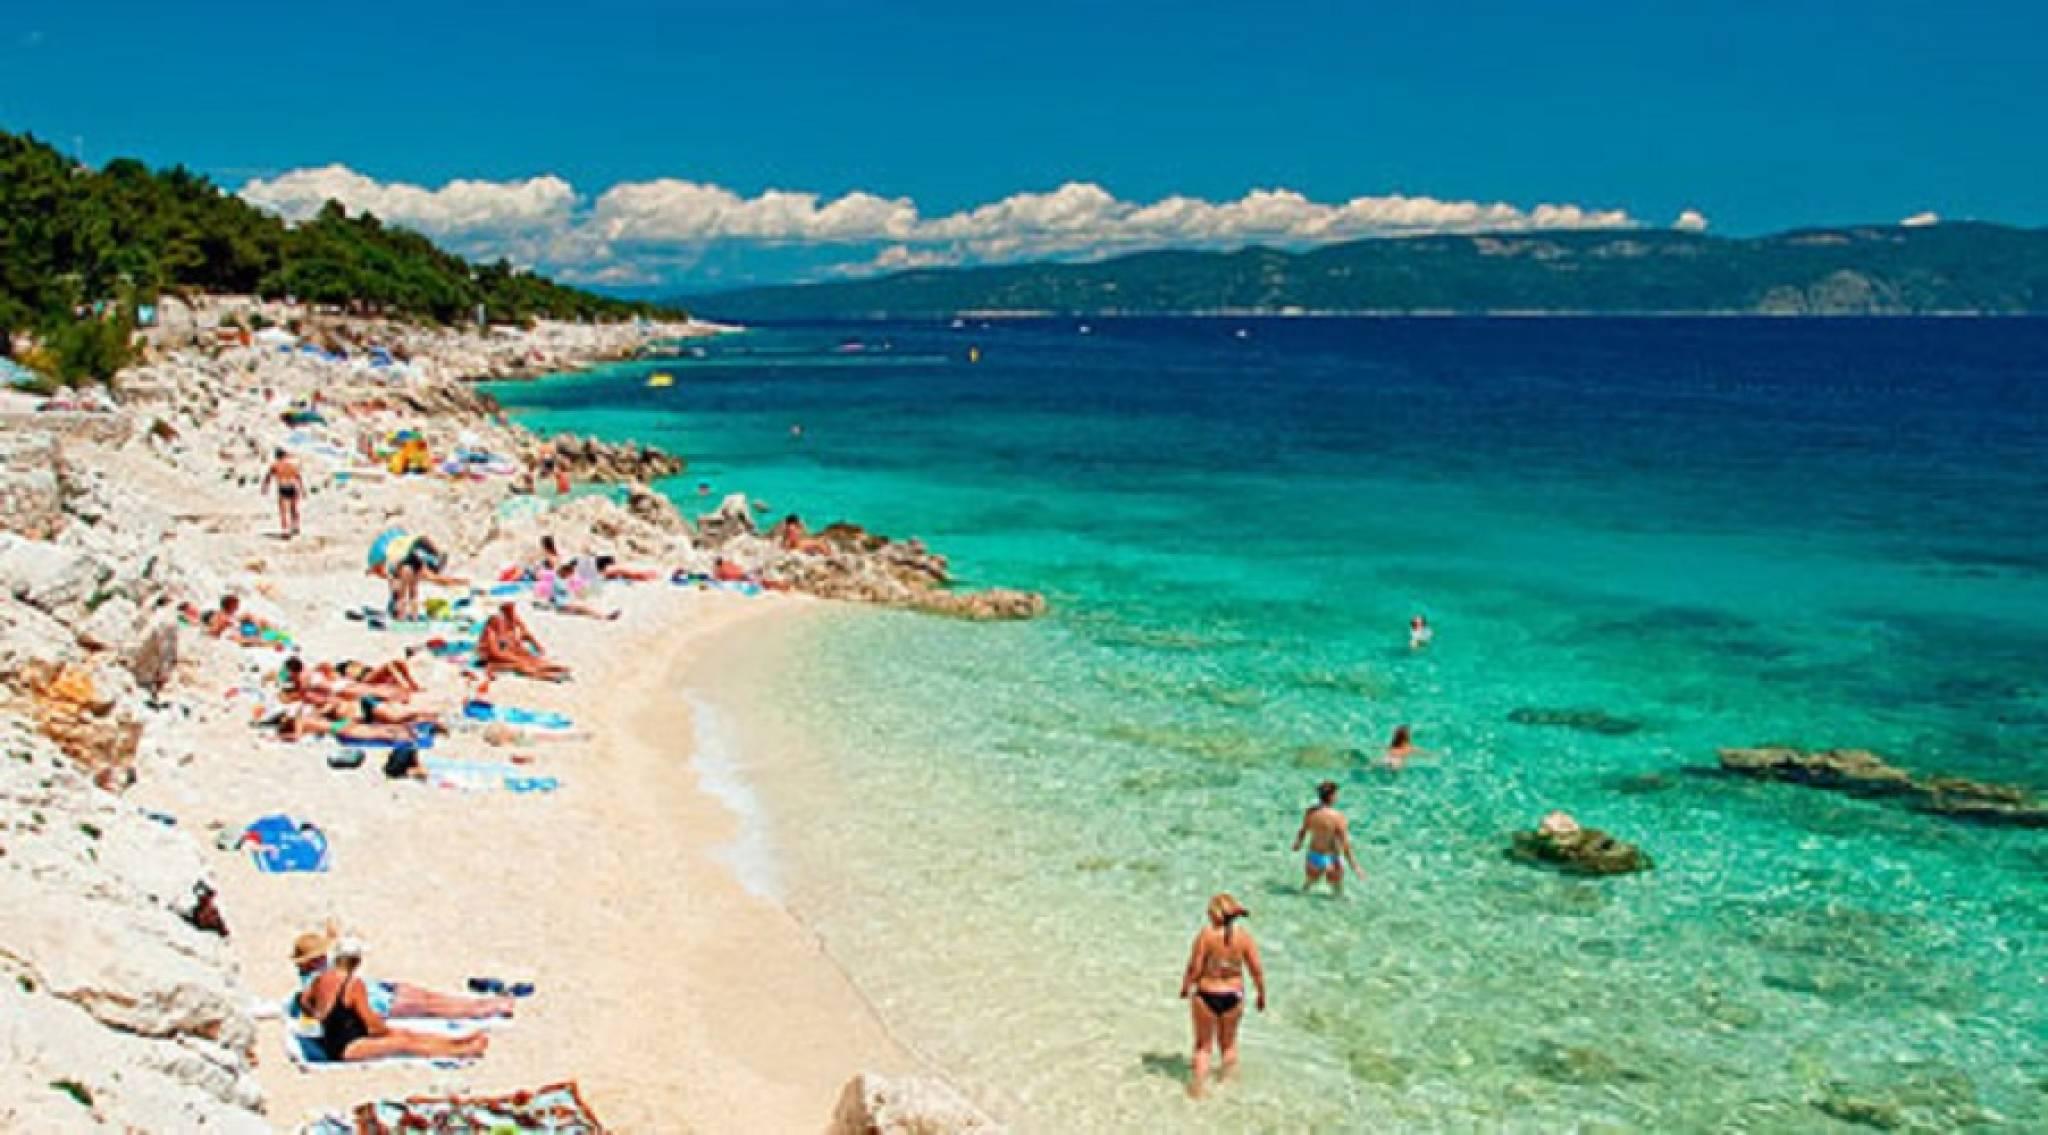 Foto spiagge rabac croazia 2